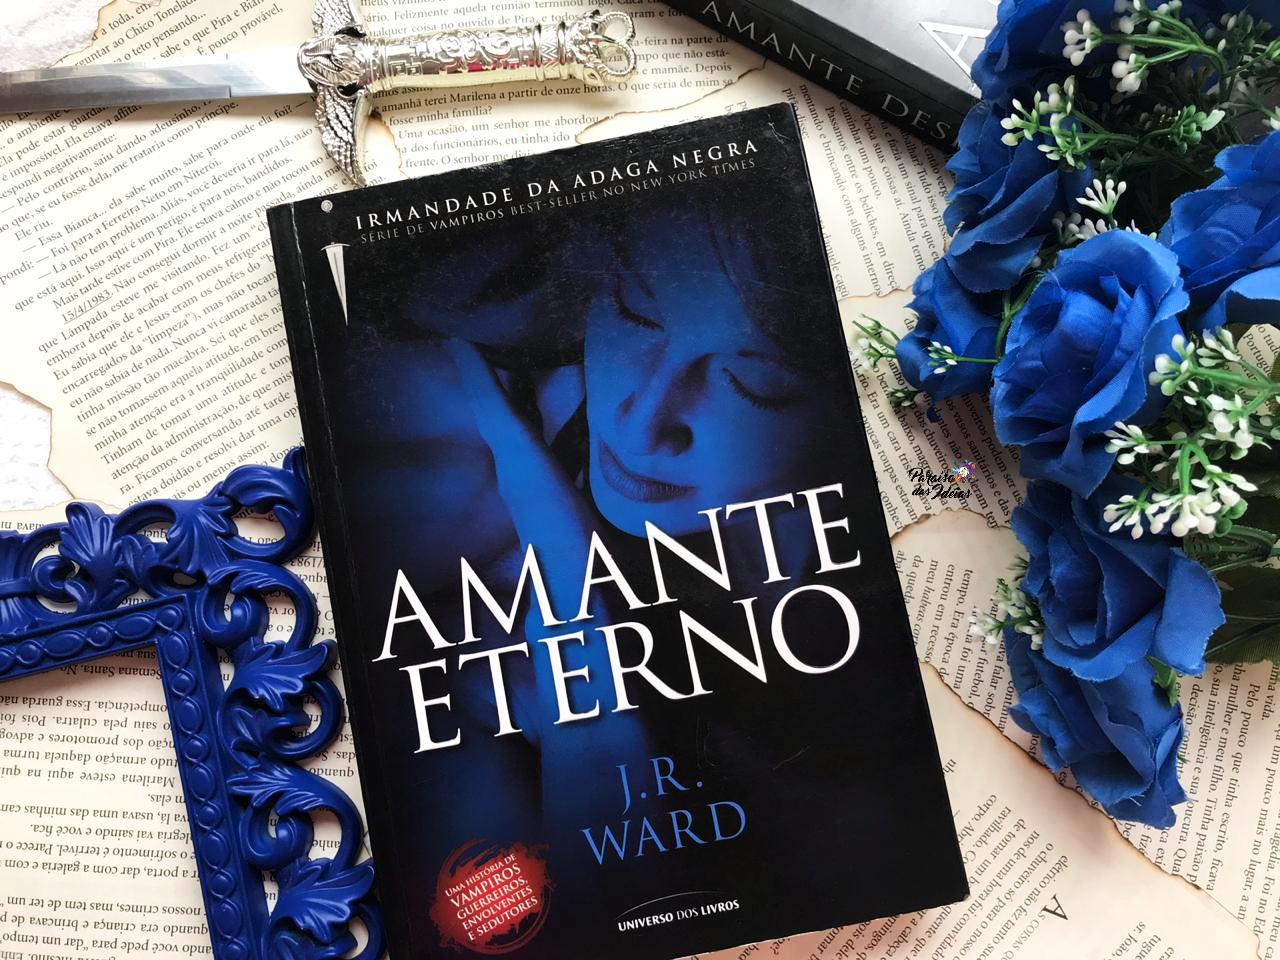 Amante Eterno Livro 02 || J.R Ward